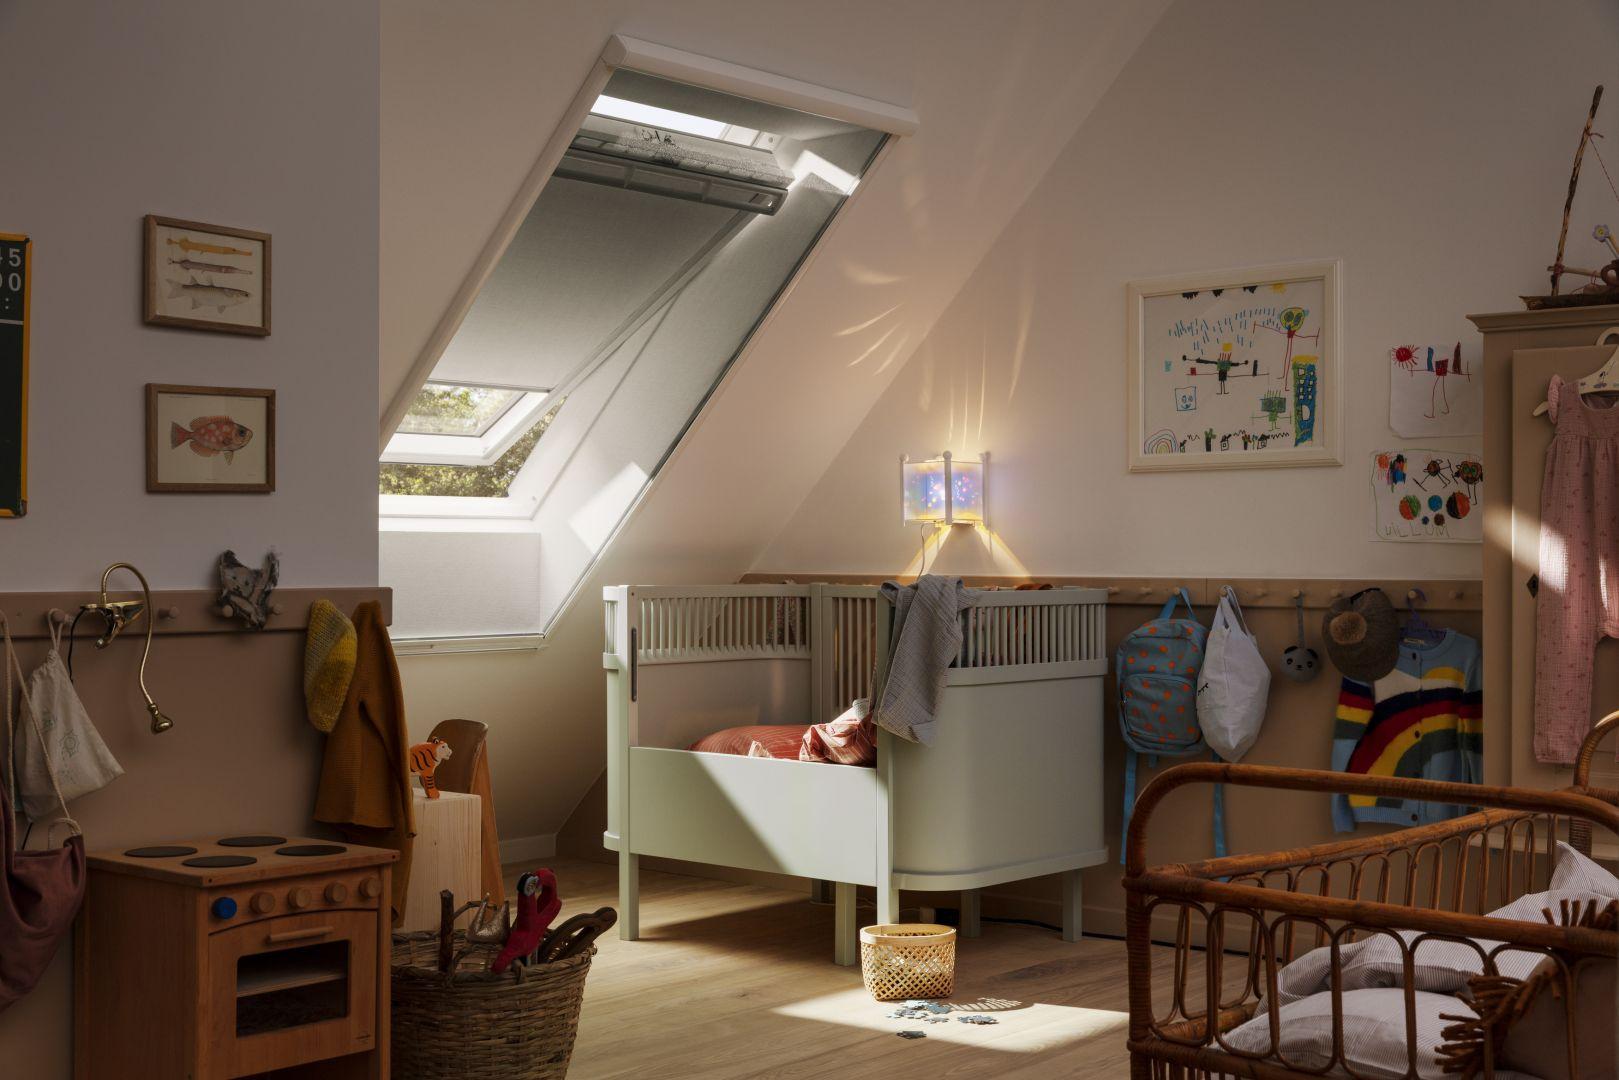 Moskitiery warto zamontować we wszystkich pomieszczeniach, a szczególnie w pokojach dziecięcych i sypialniach. Świeże powietrze korzystnie wpływa na nasze zdrowie, a dzięki moskitierom możemy się nim cieszyć bez obaw o ukąszenia owadów, które mogą być niebezpieczne dla dzieci i alergików. Fot. Velux